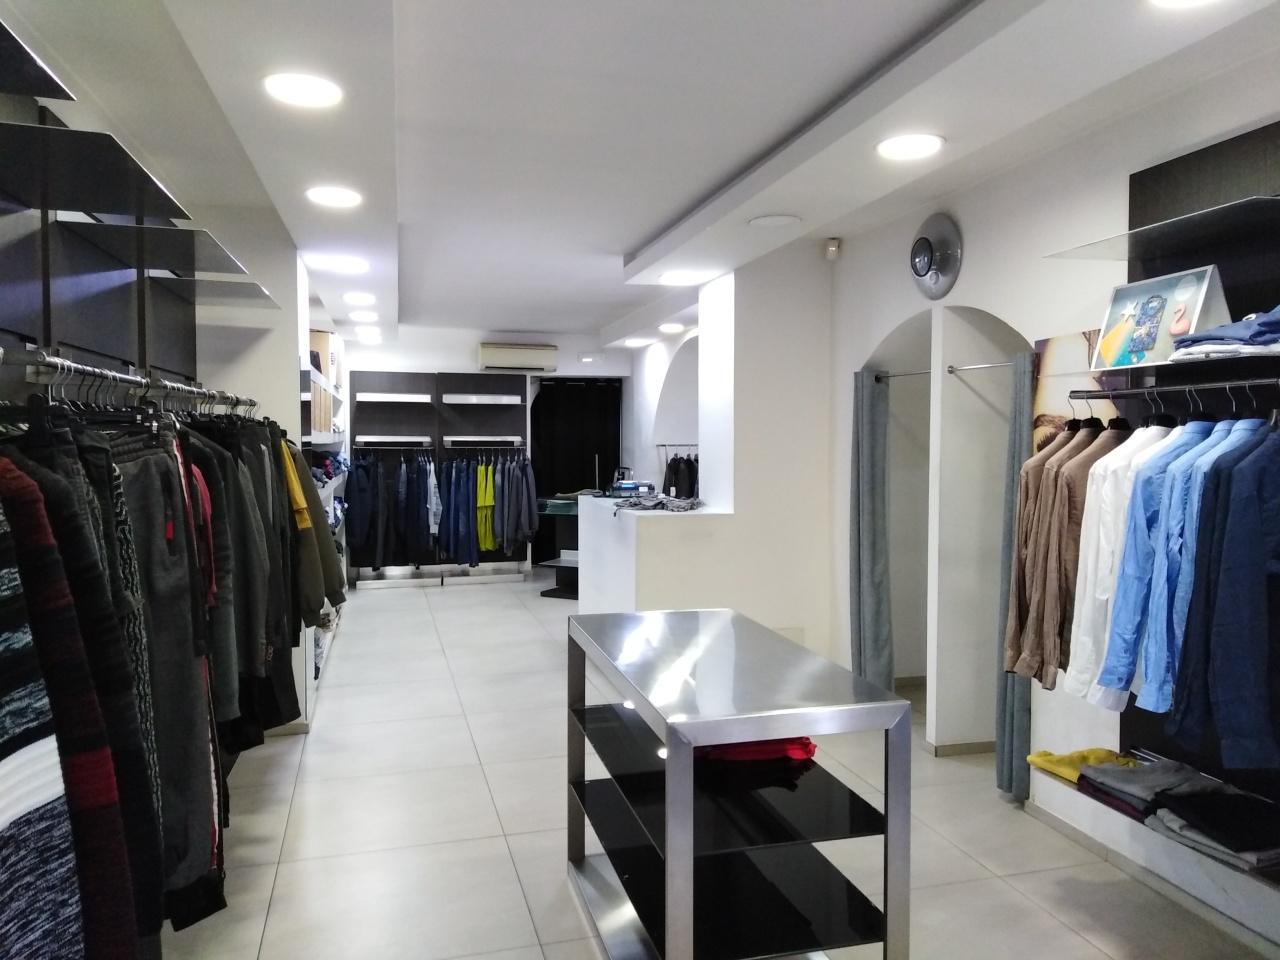 Locale commerciale - 1 Vetrina a Ragusa